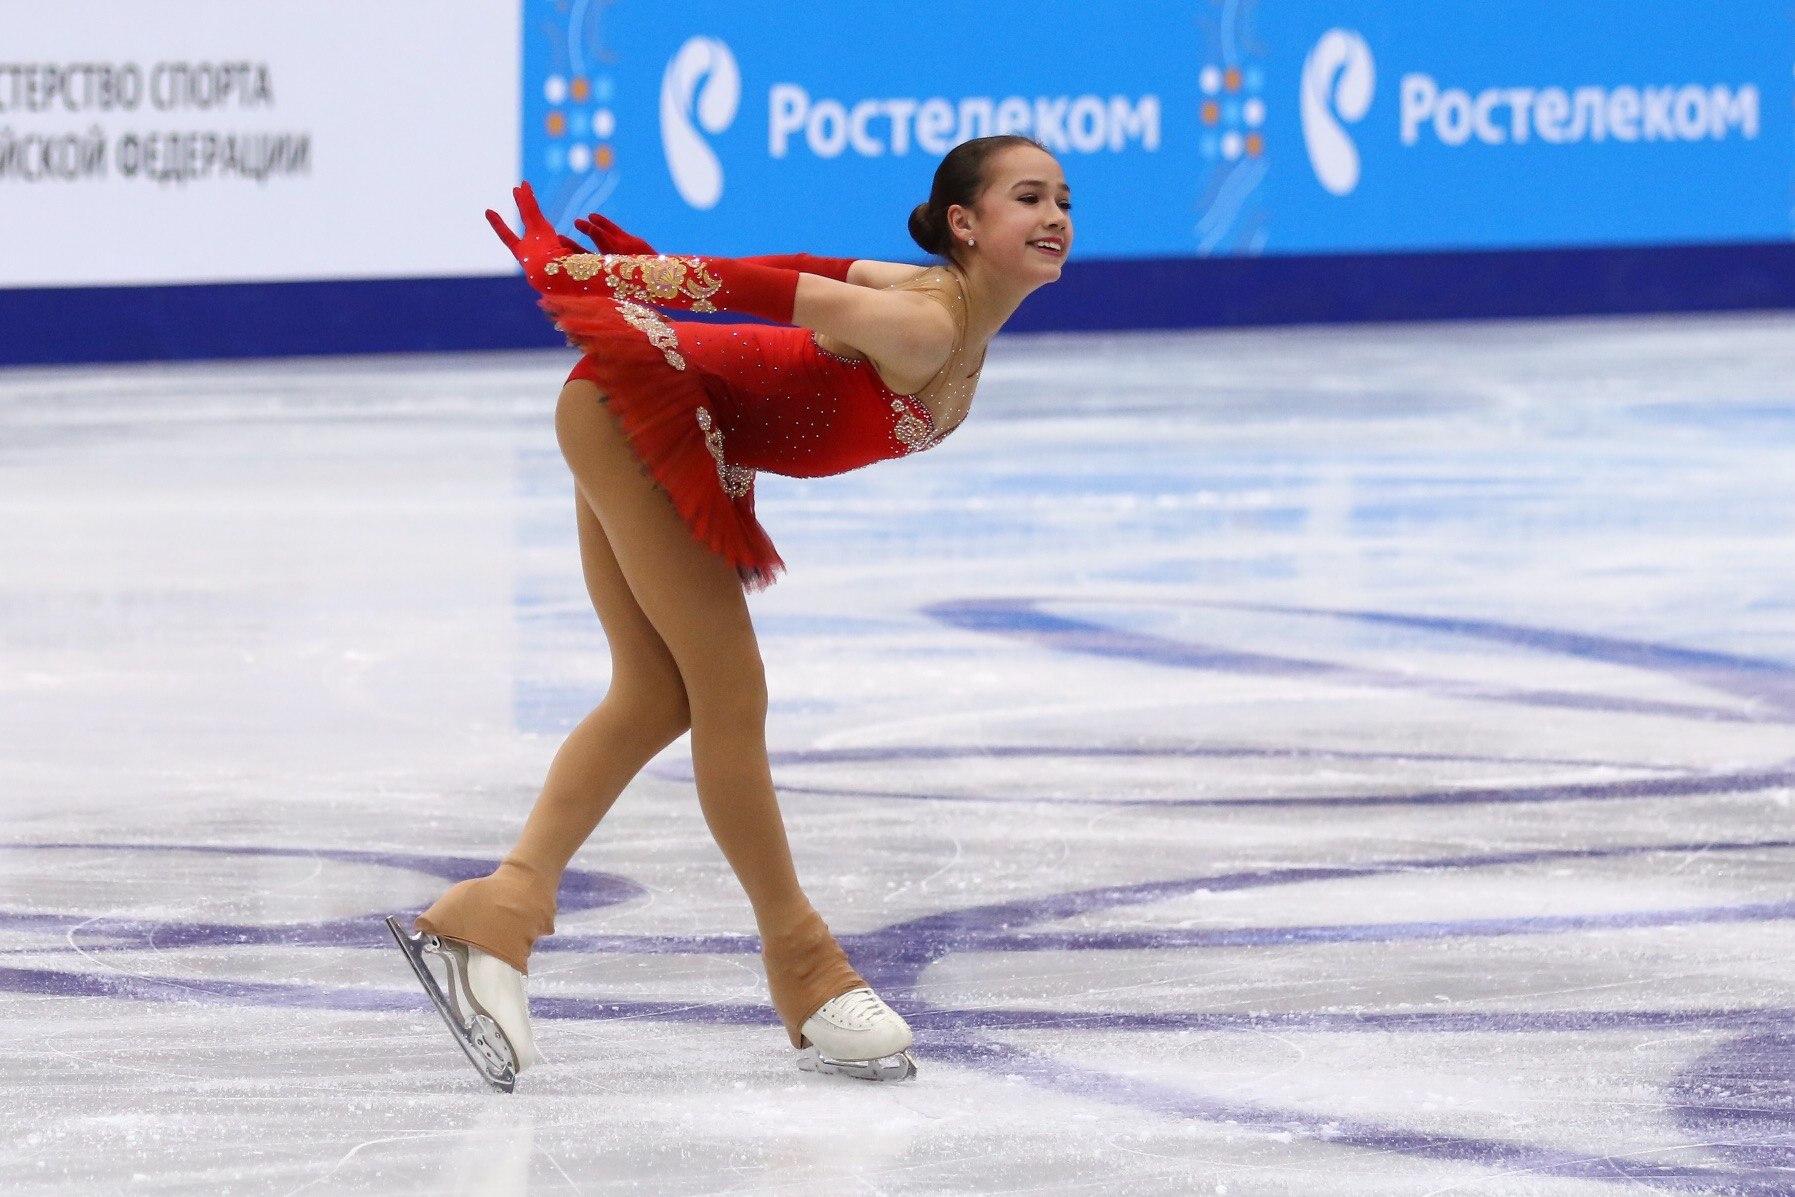 Дебют Алины Загитовой принес ей серебро на чемпионате (26.12.2016)